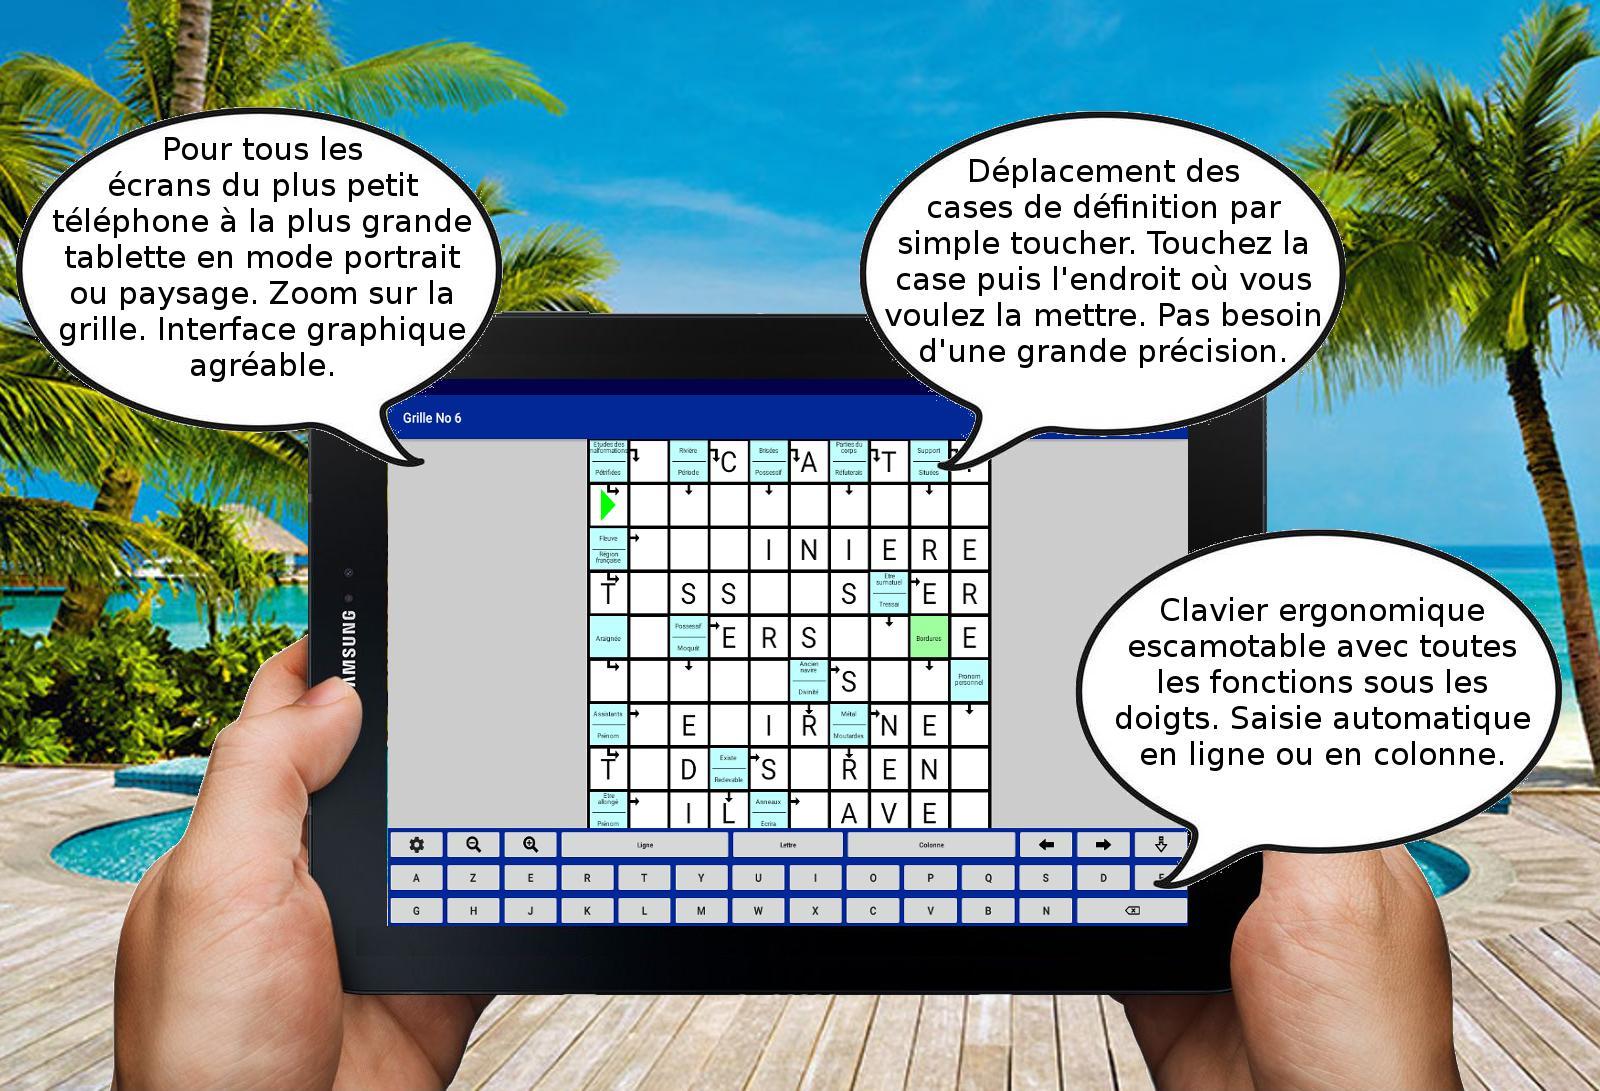 Mots Fléchés Mélangés For Android - Apk Download concernant Mot Avec Lettres Mélangées